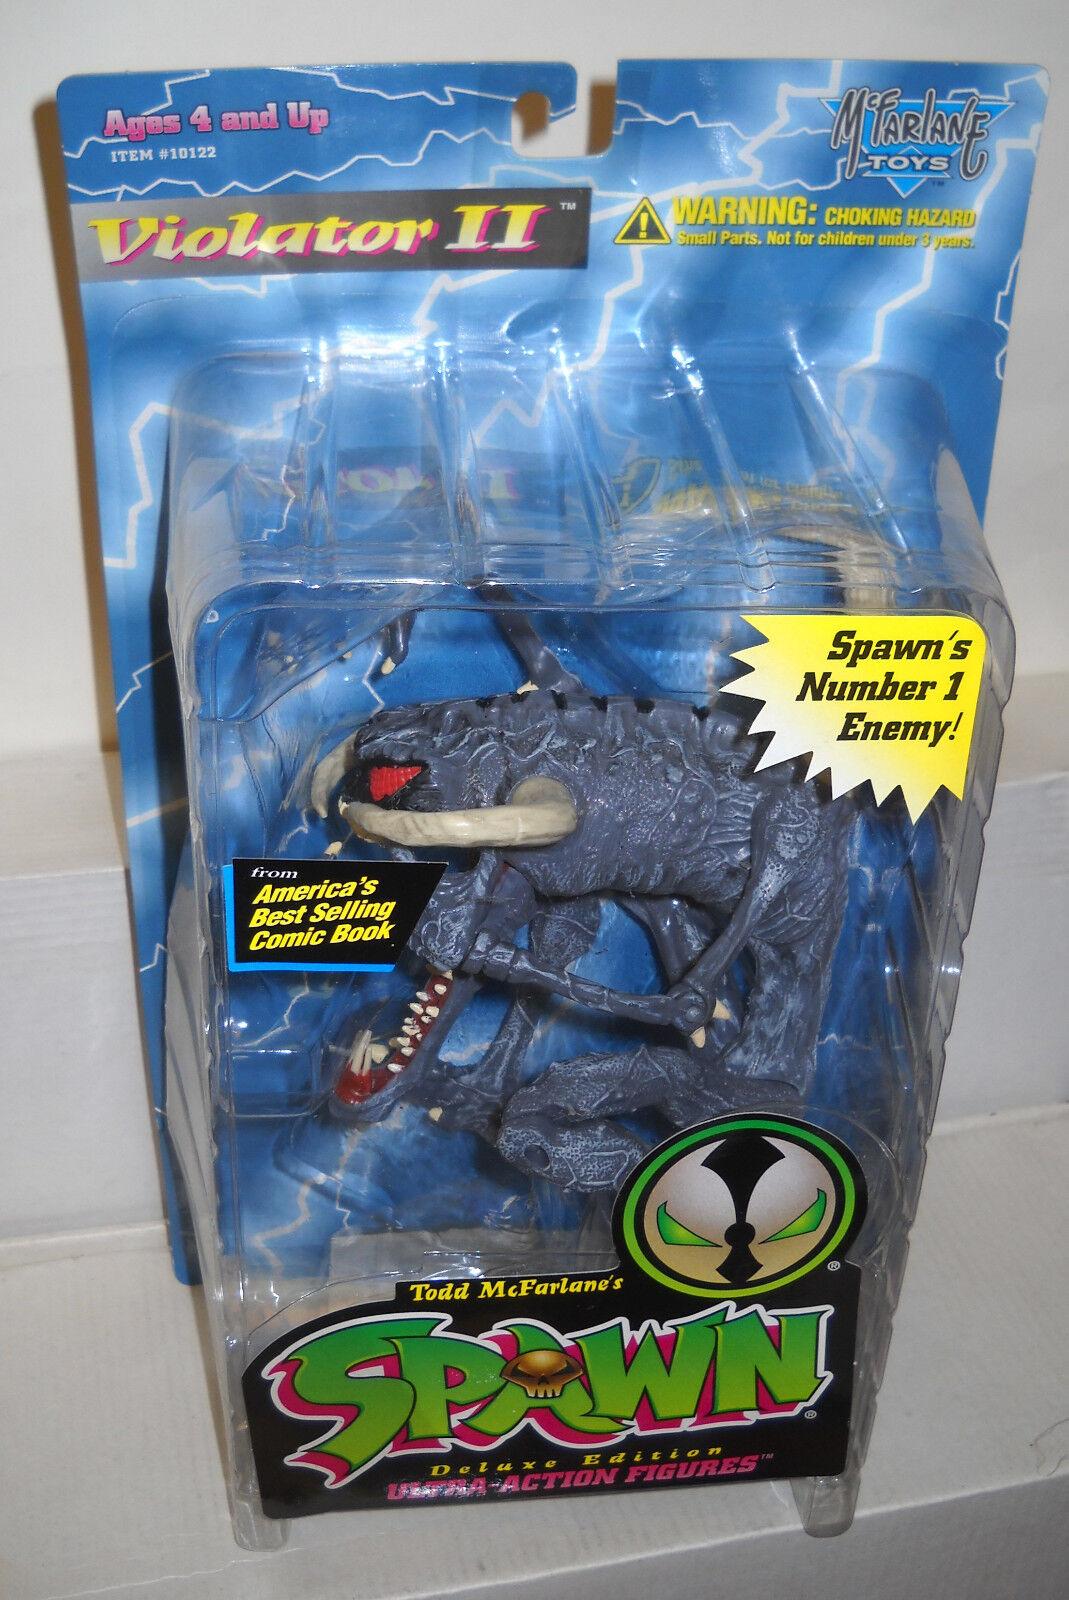 NRFC McFarlane Toys Spawn purpletor purpletor purpletor II Action Figure 102076